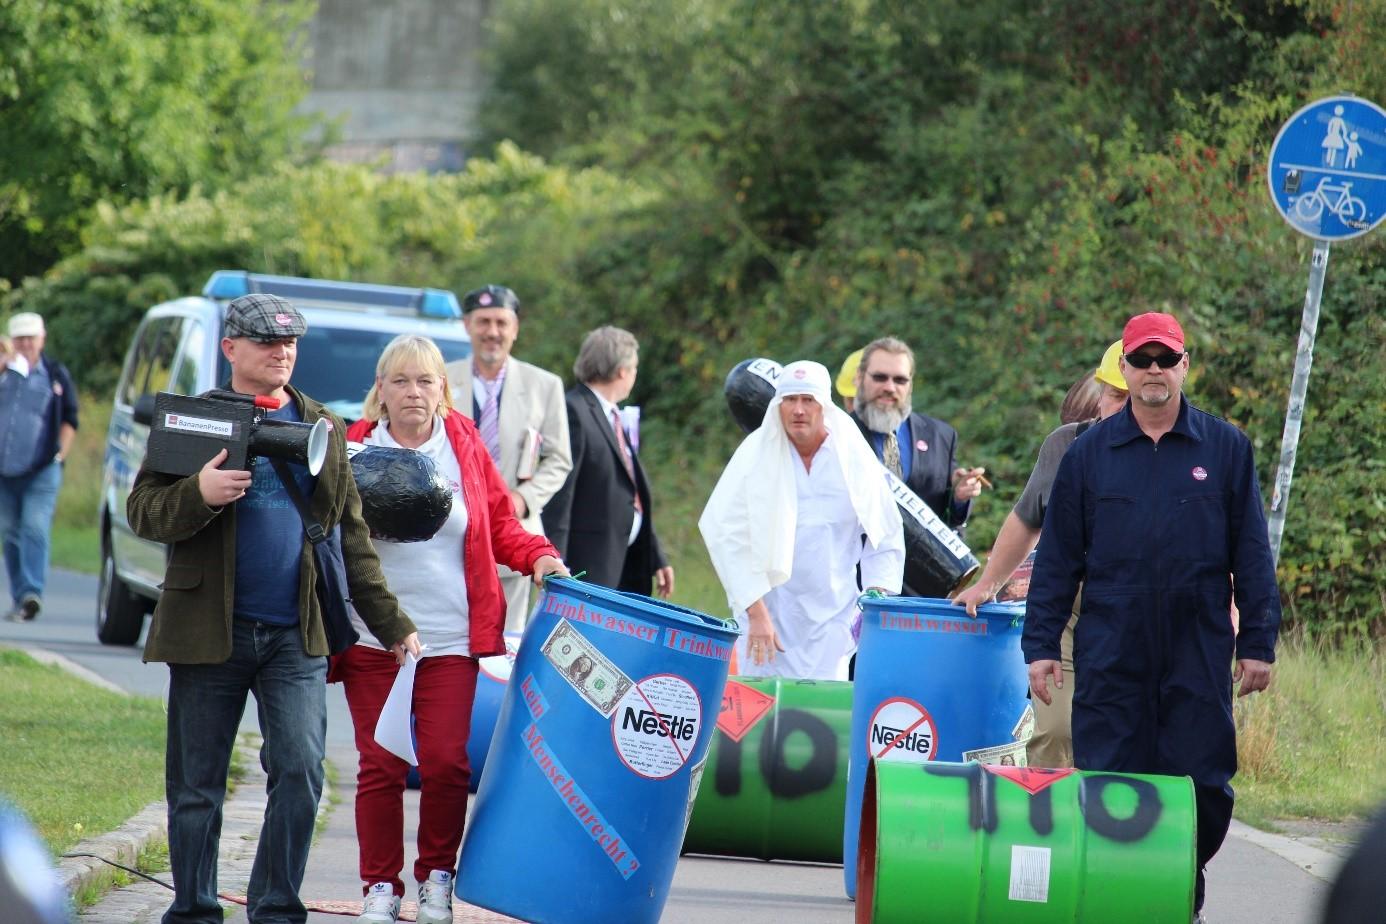 Rechte Gruppierungen demonstrierten gegen das Kunstprojekt am Neustädter Hafen